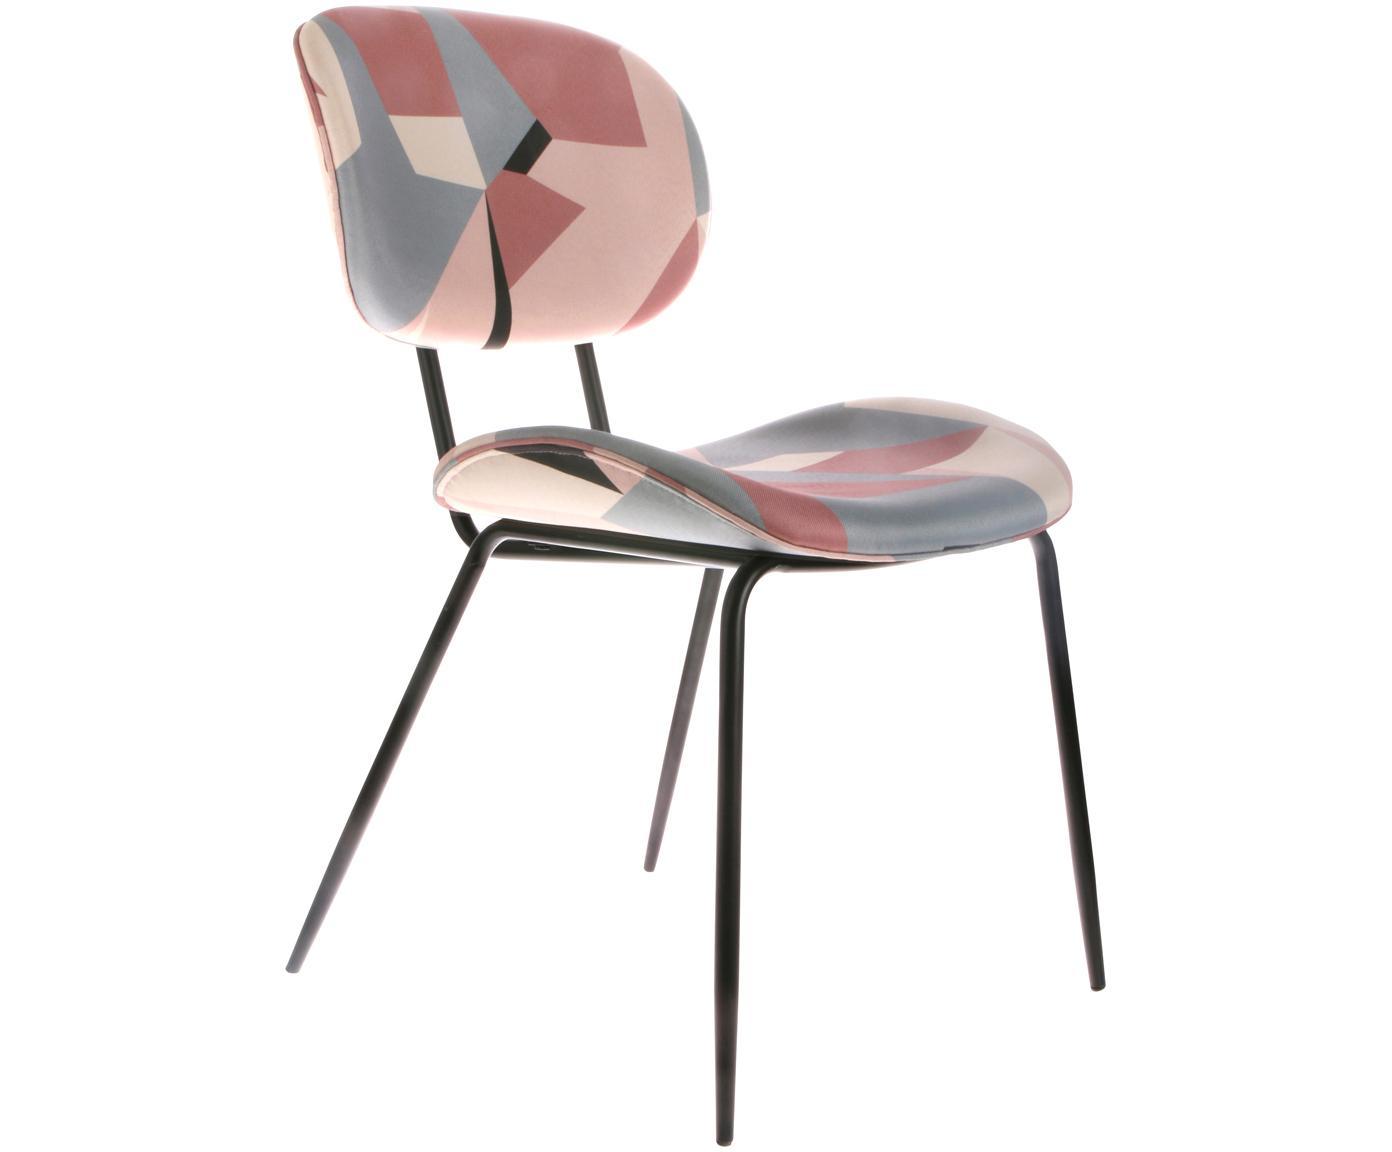 Gestoffeerde stoelen Dining, 2 stuks, Bekleding: polyester fluweel, Poten: gepoedercoat metaal, Multicolour, B 63 x D 48 cm